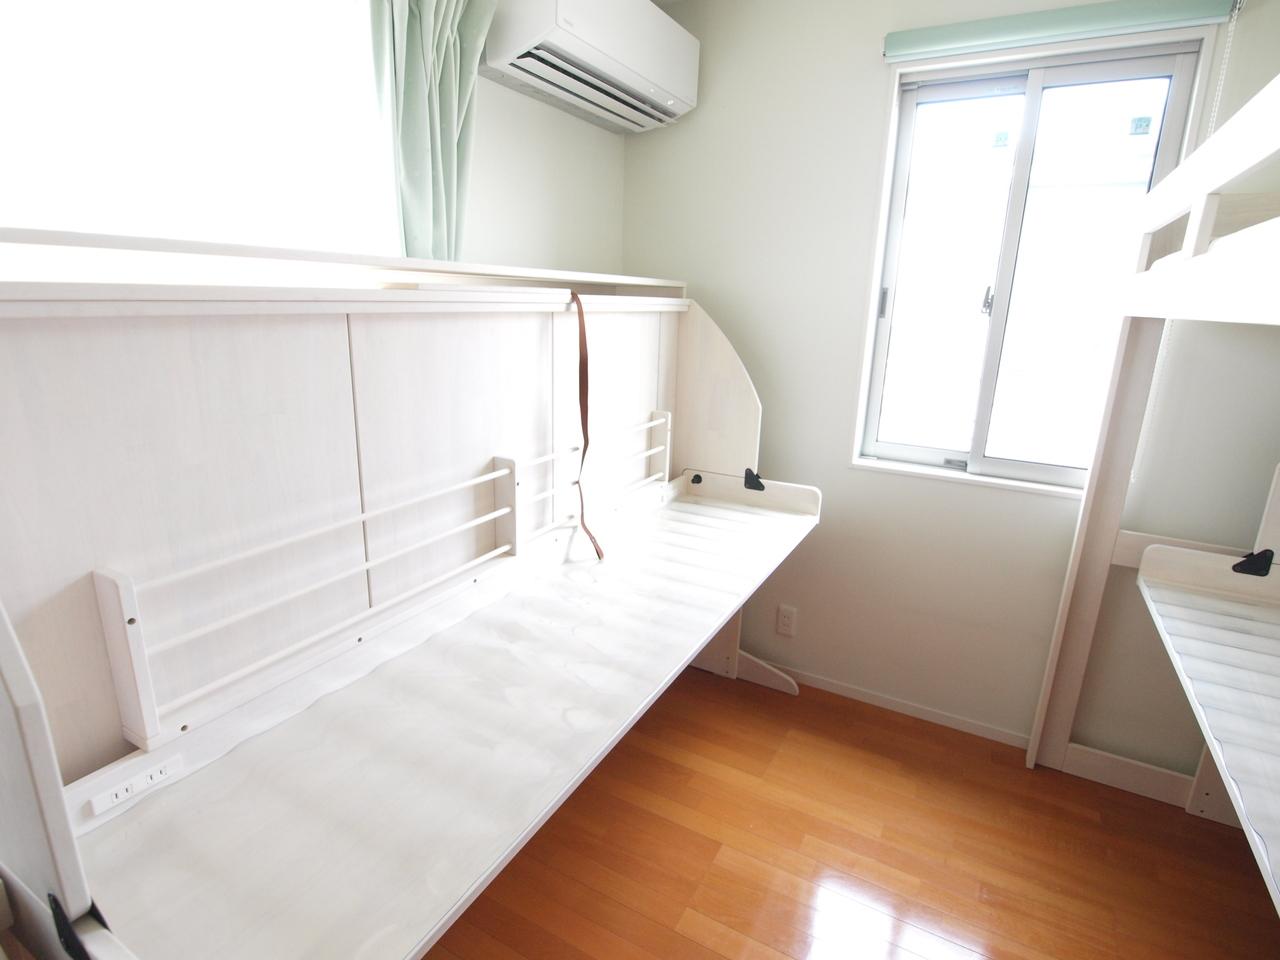 六畳部屋に姉妹三人机とベッドどうする リノキッズ二段ベッド